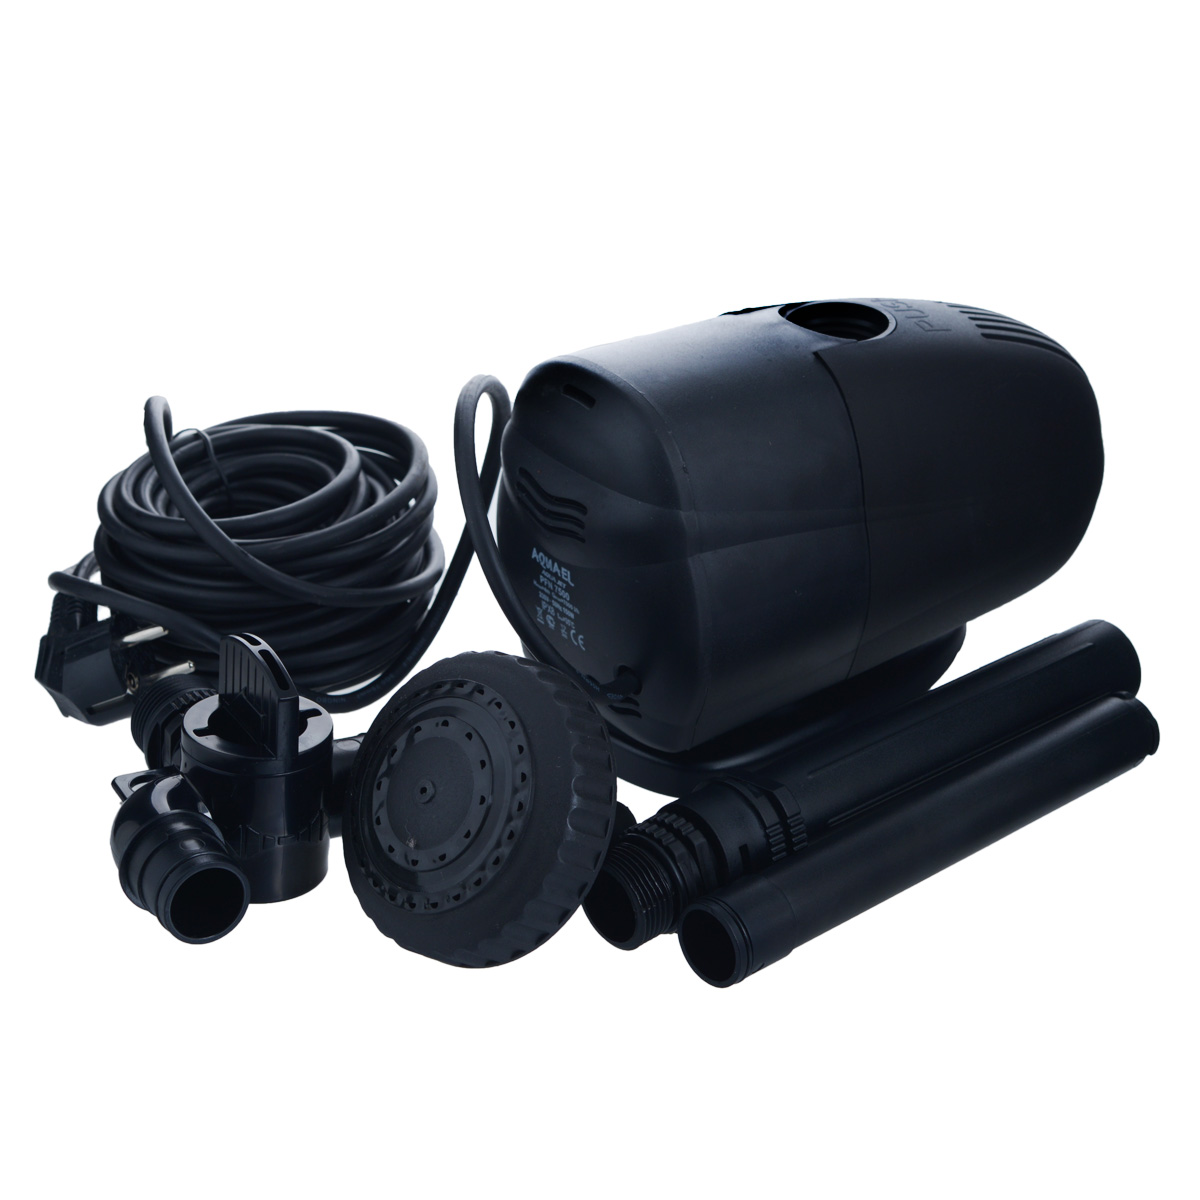 Насос фонтанный Aquael. PFN-7500GWXF02637Насос фонтанный Aquael предназначен для помпования и фильтрации воды в фонтанах, каскадах, водоемах, садовых прудах и приусадебных бассейнах.Может использоваться также в других условиях, например, в садоводстве, в домашнем или сельском хозяйстве, при разведении рыб или животных, на строительных площадках и т.д. Небольшие размеры, значительная производительность и возможность регуляции, а прежде всего, простота конструкции, делает насос универсальным и эффективным. Для расширения возможности фонтана можно использовать дополнительные аксессуары из ассортимента Aquael. Максимальная температура: 35°C.Максимальная высота фонтана: 4 м.Размер насоса: 23 см х 12 см х 14 см.Длина кабеля: 10 м.Мощность: 7000 л/ч.